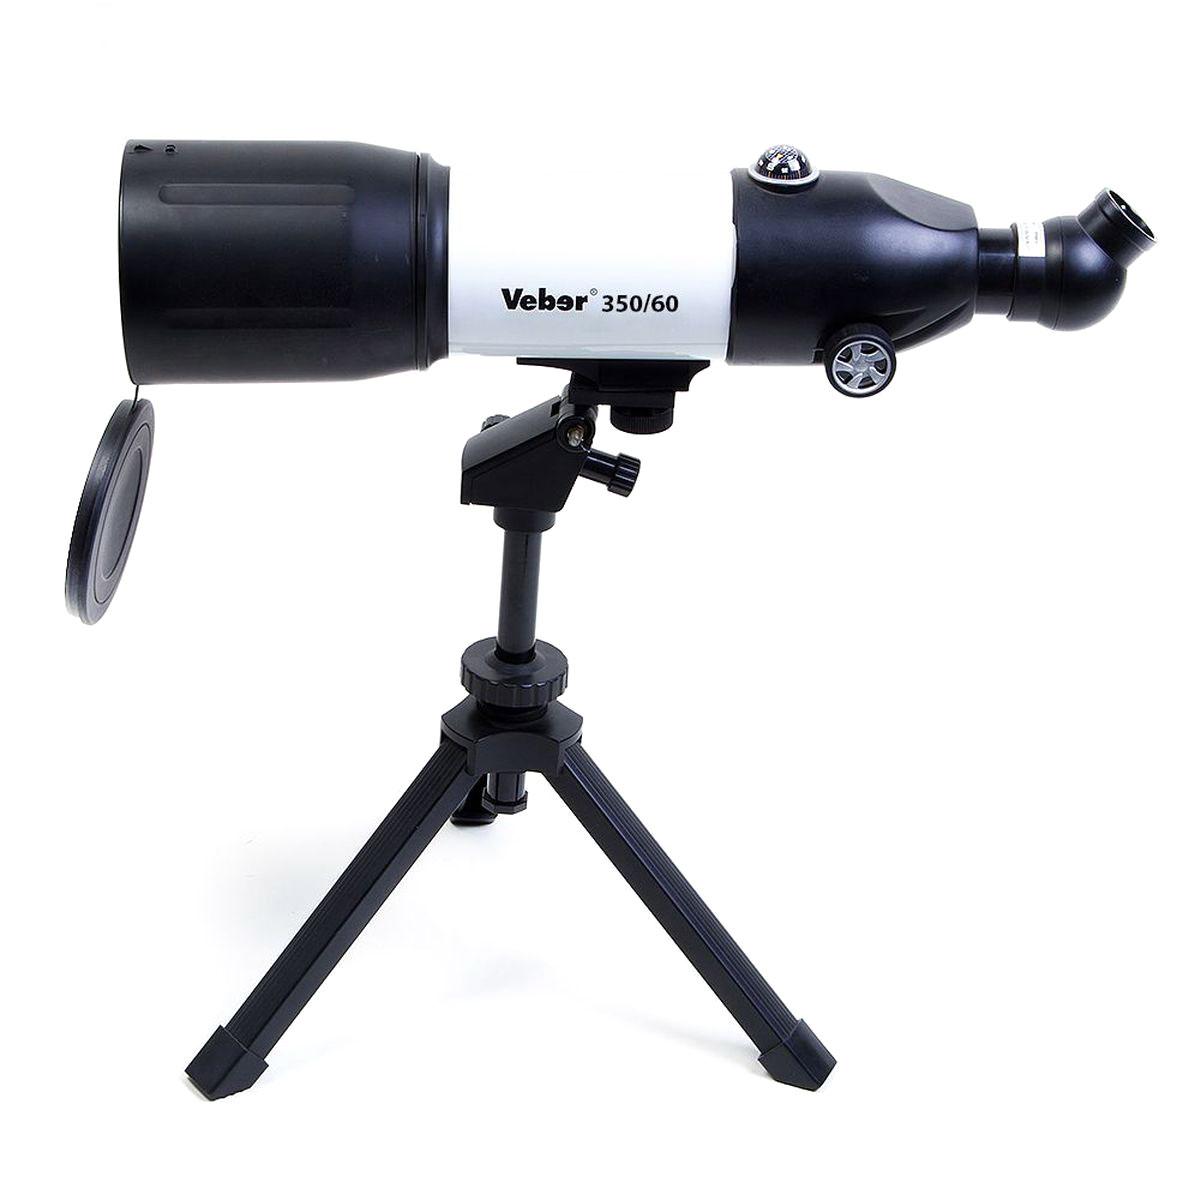 Veber 350x60 Аз телескоп21181Veber 350x60 Аз - компактный телескоп-рефрактор. Удобен как для домашних астрономических (и не только) наблюдений, так и для вылазок на природу. Его длина всего 45 см, он легкий и компактный. При этом телескоп вовсе не детская игрушка! Его ахроматическая оптика дает хорошее, четкое, резкое изображение без окрашенности по краям поля зрения. С набором окуляров, входящих в комплект, можно получить увеличение от 17,5х (ближняя точка фокусировки около 5 м) до 116,4х. Диаметр объектива — 70 мм.Об окулярной части следует сказать особо: она расположена под углом 45° к оси прибора, и может поворачиваться вокруг своей оси на 360° (8 положений). Все это делает очень комфортным наблюдение — как из положения сидя, так и из положения стоя. При этом изображение не зеркальное, где лево и право поменялись местами, а прямое! (в конструкции используется призма Шмидта с крышей). Таким образом, этот телескоп можно использовать не только по прямому назначению, но и как зрительную трубу.Что можно увидеть в этот телескоп: кратеры луны диаметром около 10 км, кольца Сатурна, Марс. Его проницающая способность 10.99 звёздных величин — крупные скопления галактик также будут доступны для любознательных наблюдателей.В комплекте поставляется специальный настольный штатив. Он имеет механизм плавных подвижек по вертикали и по горизонтали — с помощью вращающихся рукояток. Так как крепление трубы осуществляется с помощью винта 1/4, при необходимости можно использовать любой фотоштатив.